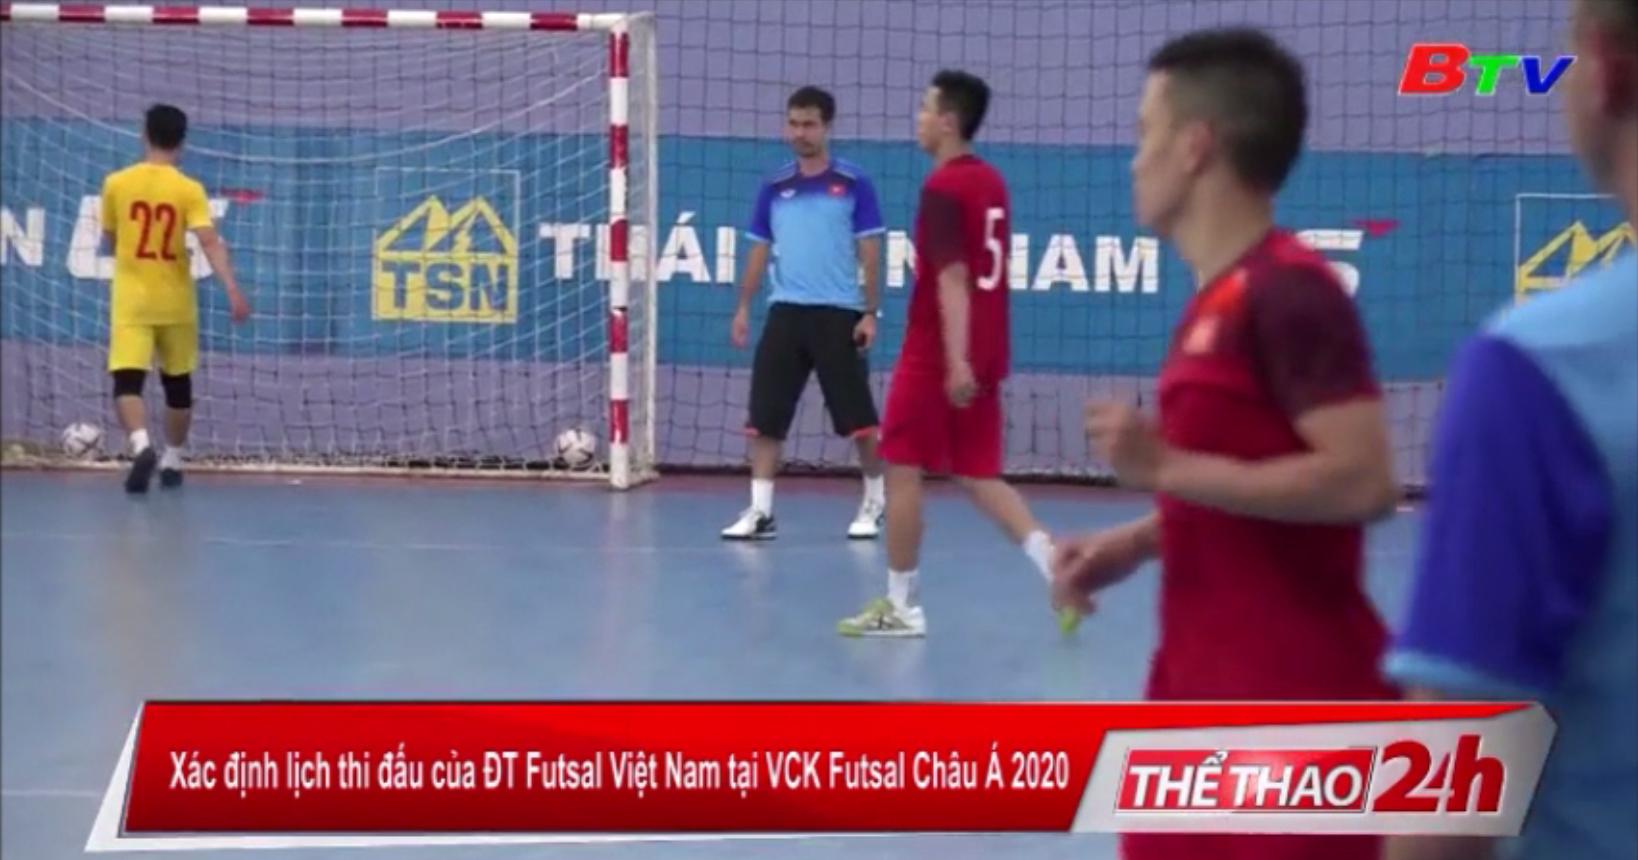 Xác định lịch thi đấu của đội tuyển Futsal Việt Nam tại VCK Futsal châu Á 2020